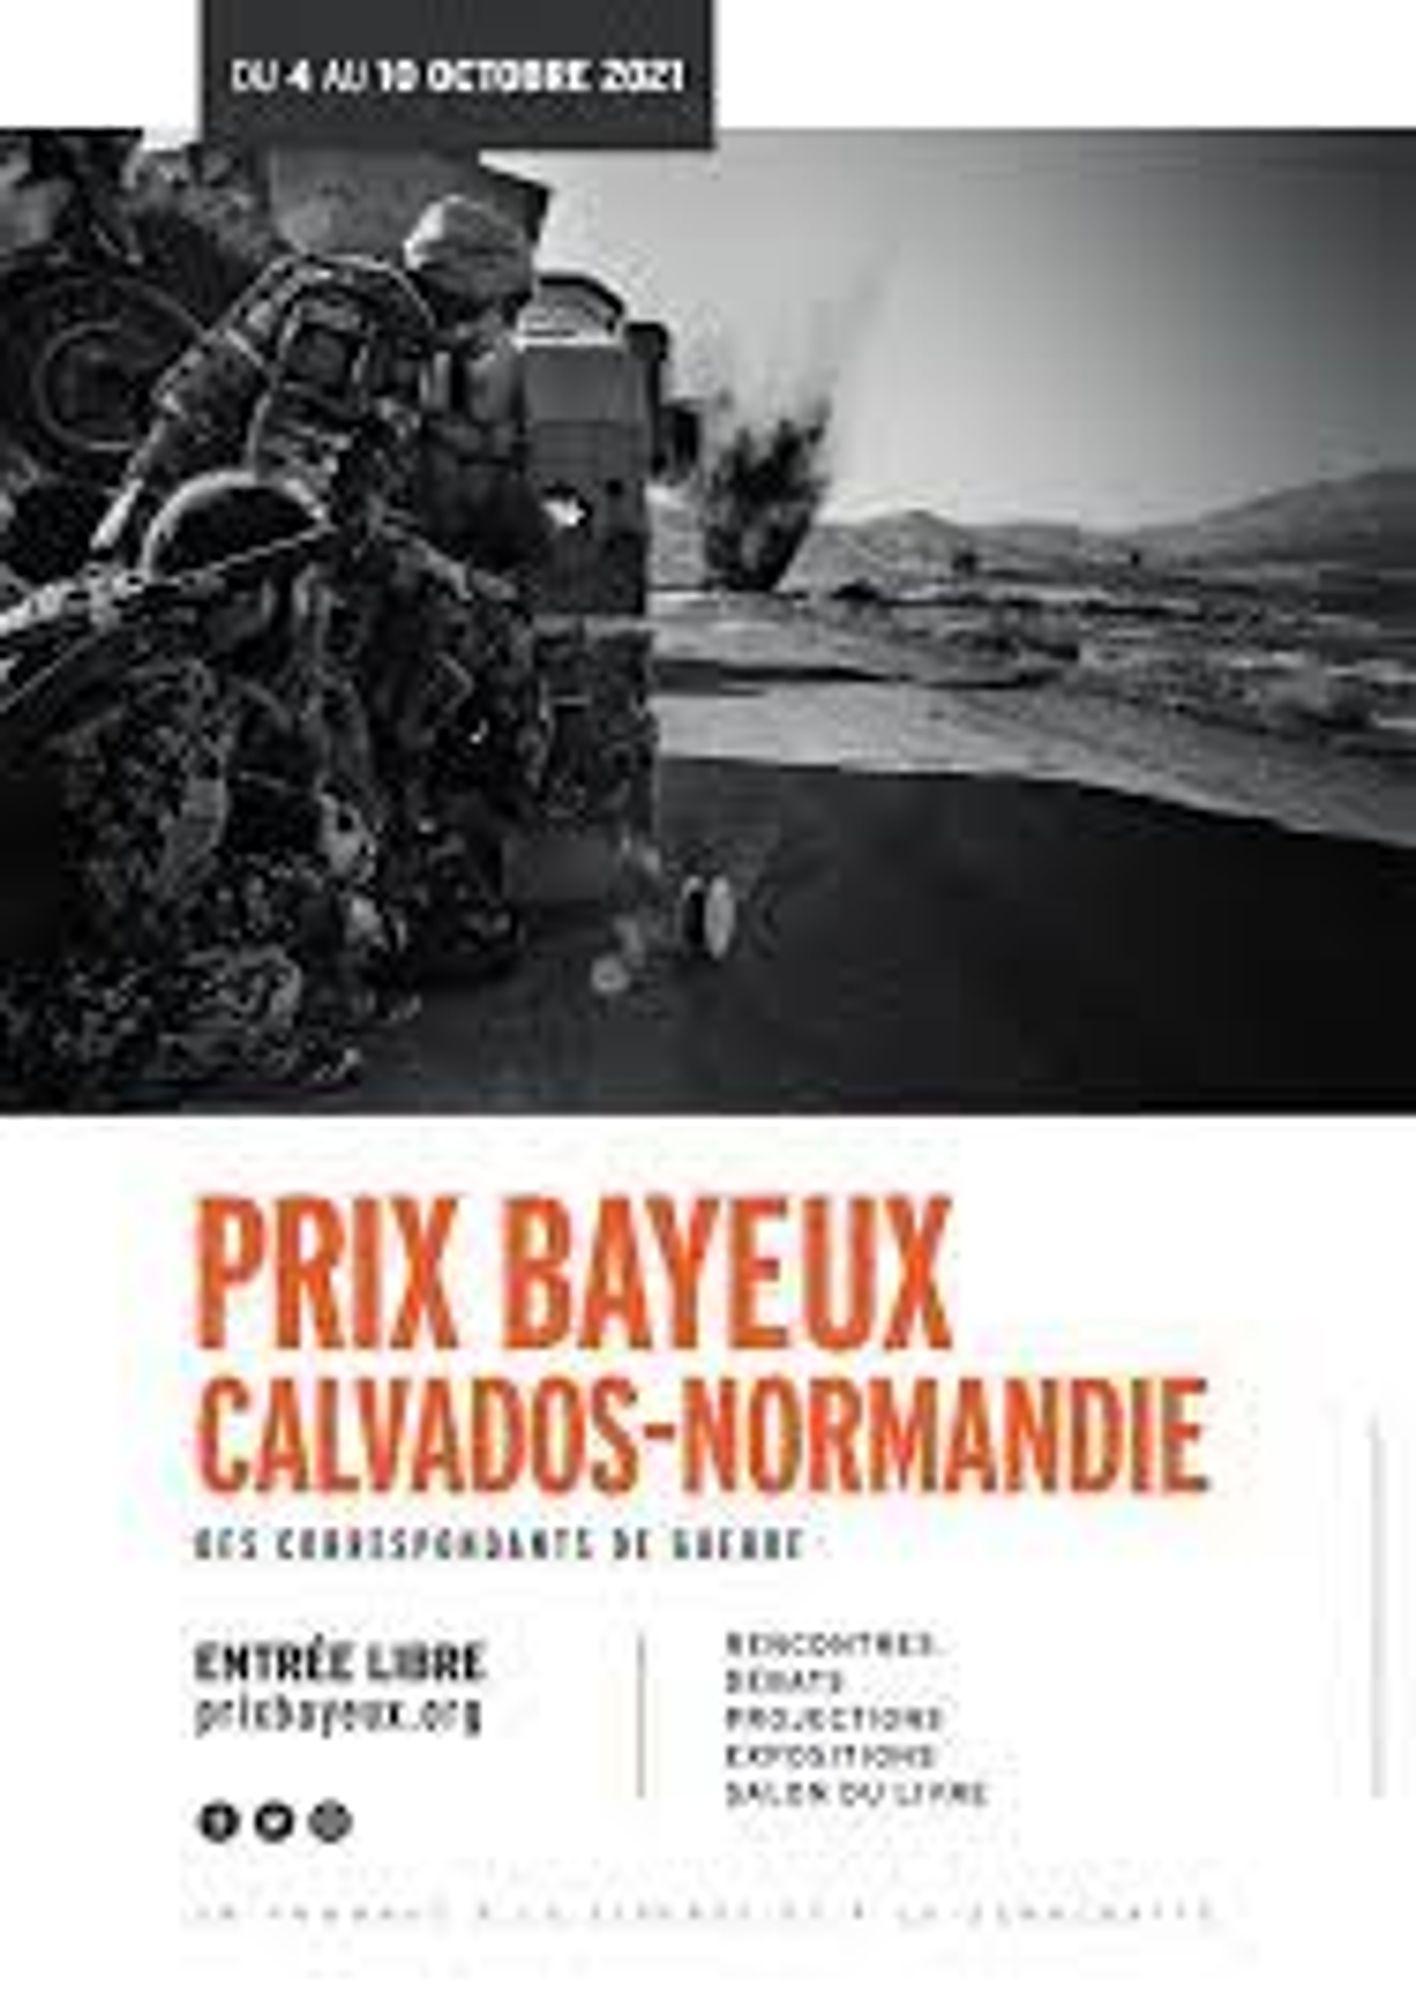 PRIX BAYEUX CALVADOS NORMANDIE